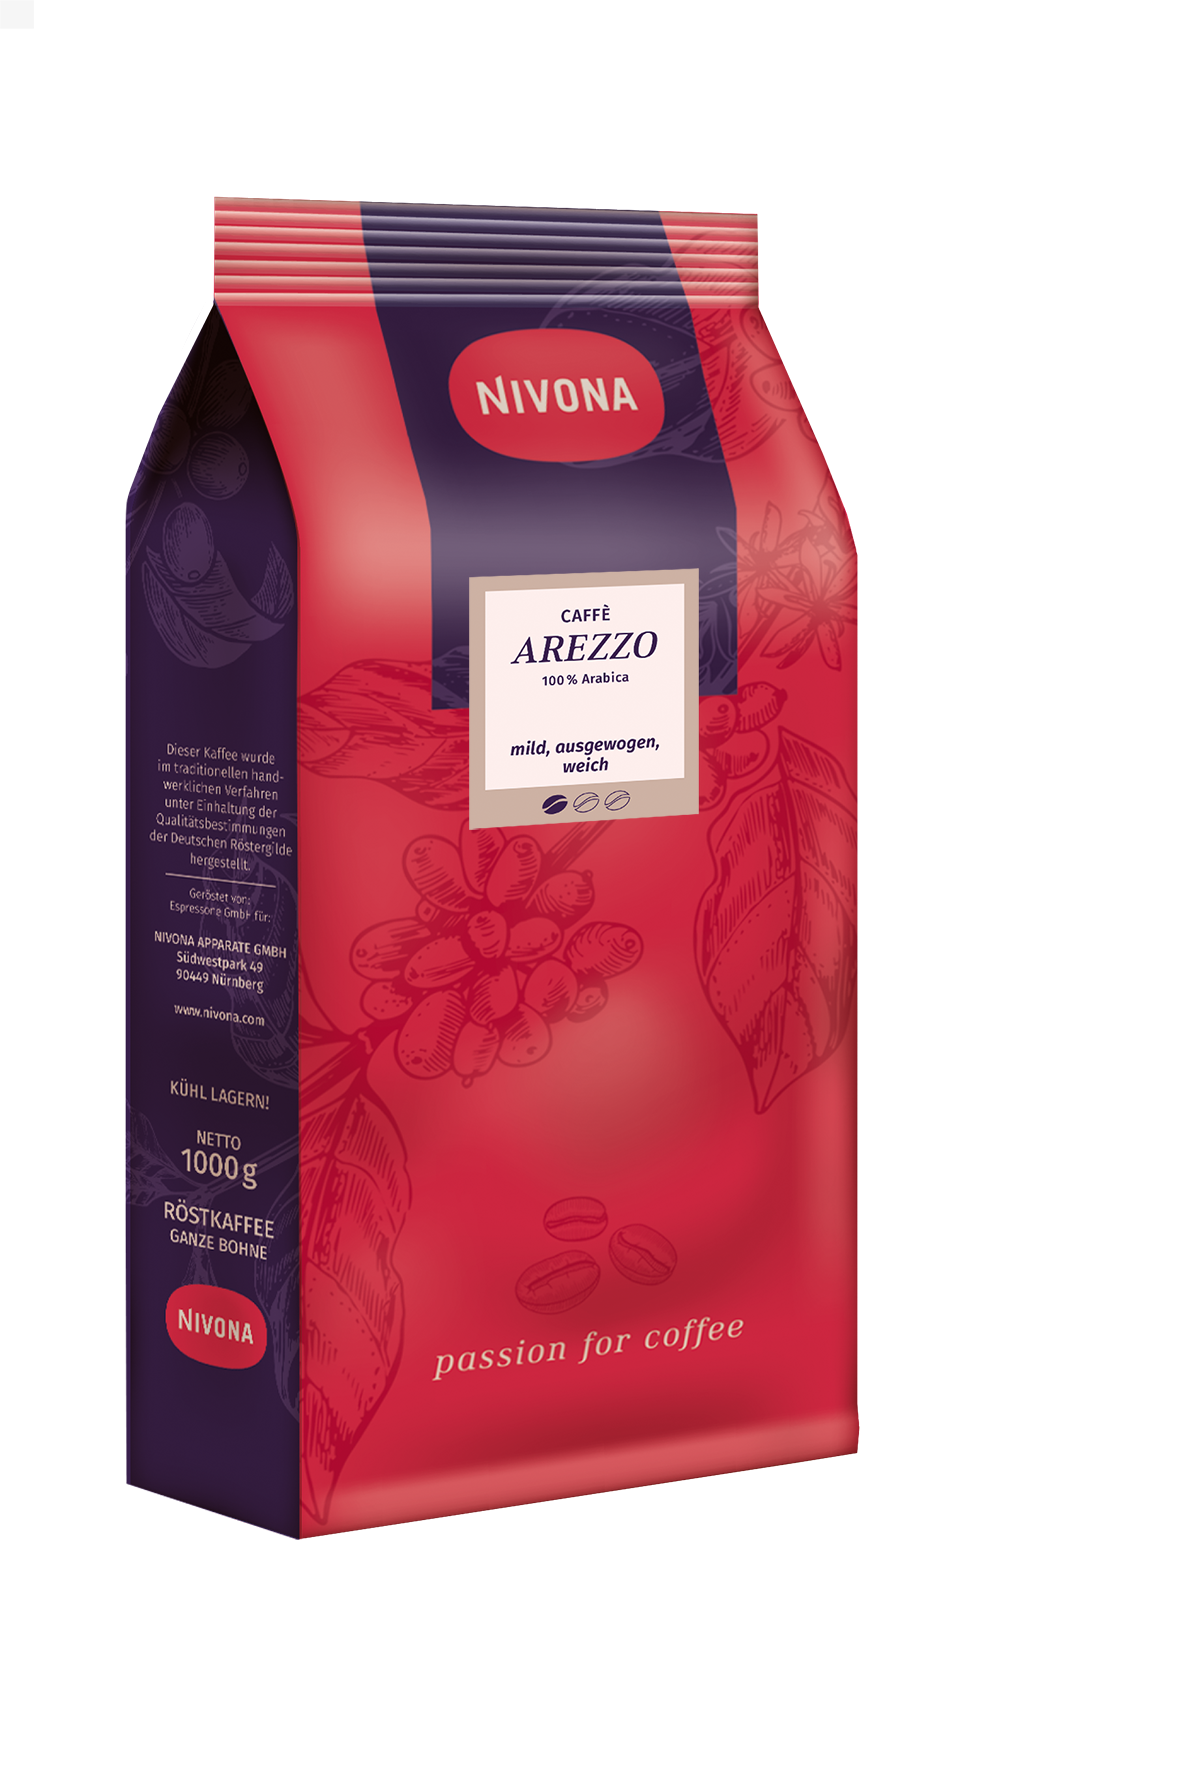 CAFFÈ AREZZO (100% Hochland Arabica)